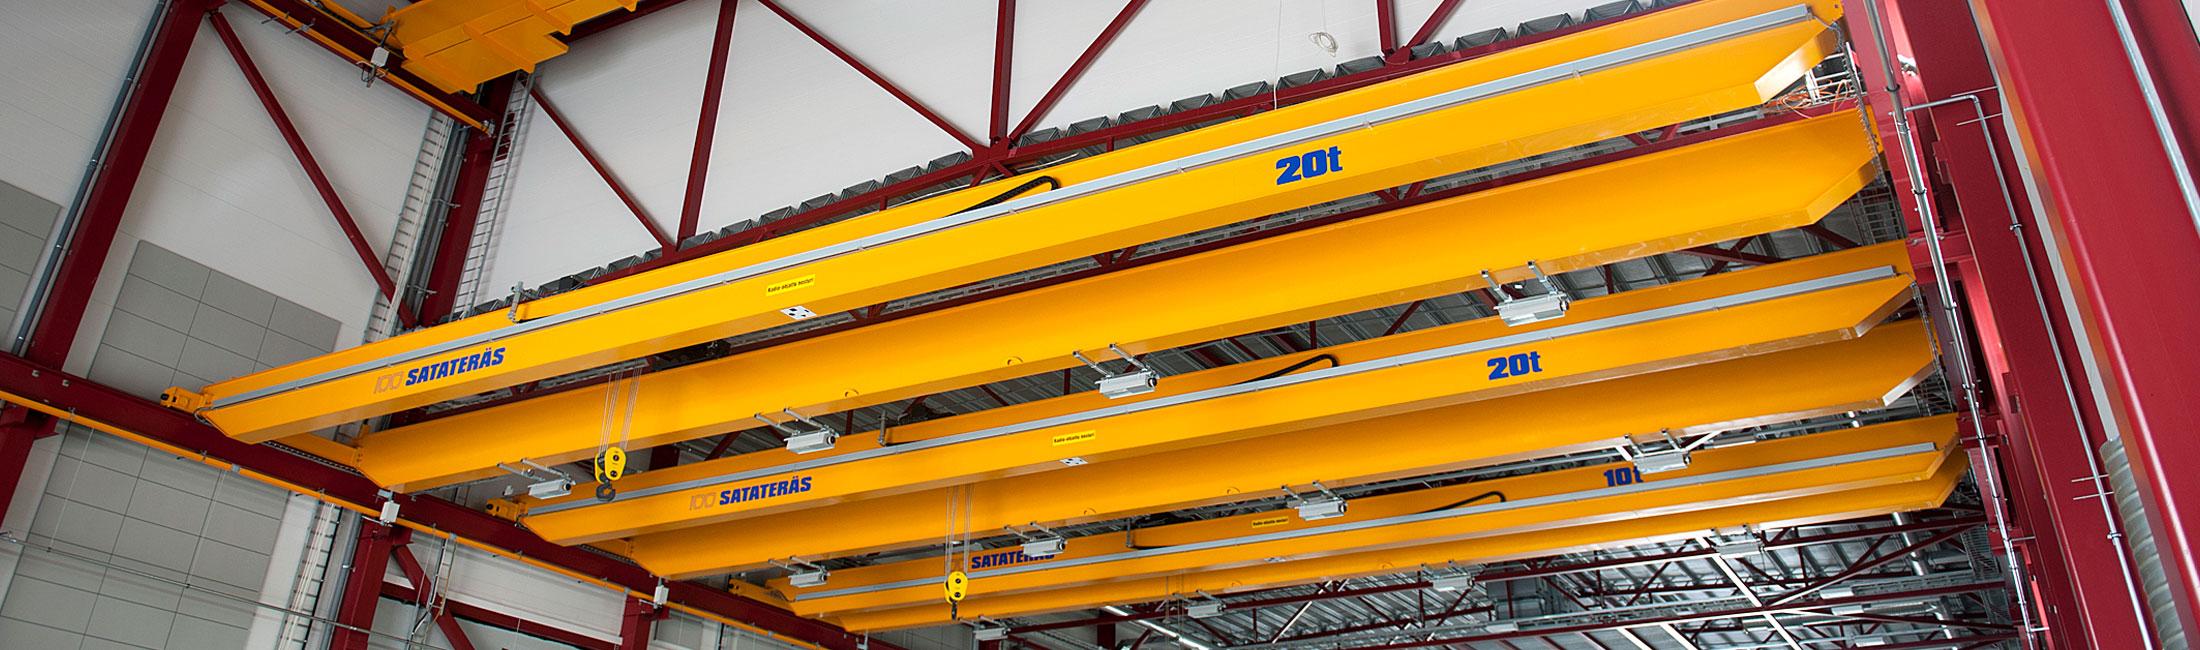 teollisuus-metalliteollisuus-teollisuuden-siltanosturit-satateras-siltanosturi-siikainen_5